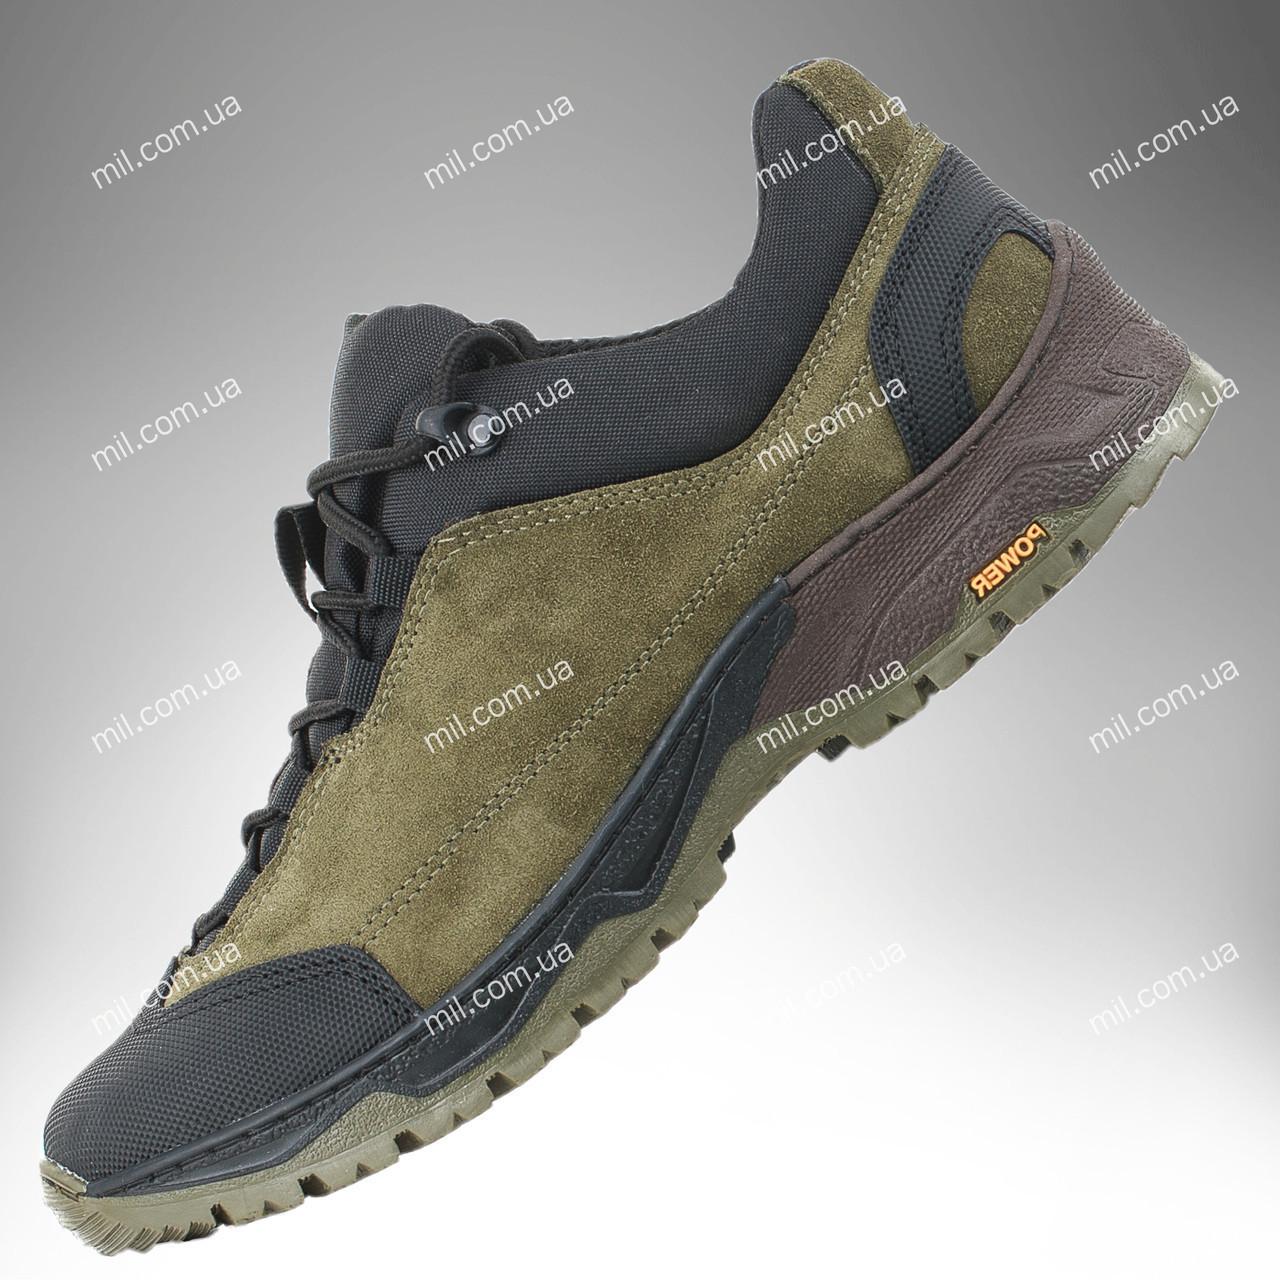 ⭐⭐Тактические кроссовки / демисезонная военная обувь Trooper CROC Gen.II (olive) | военные кроссовки,